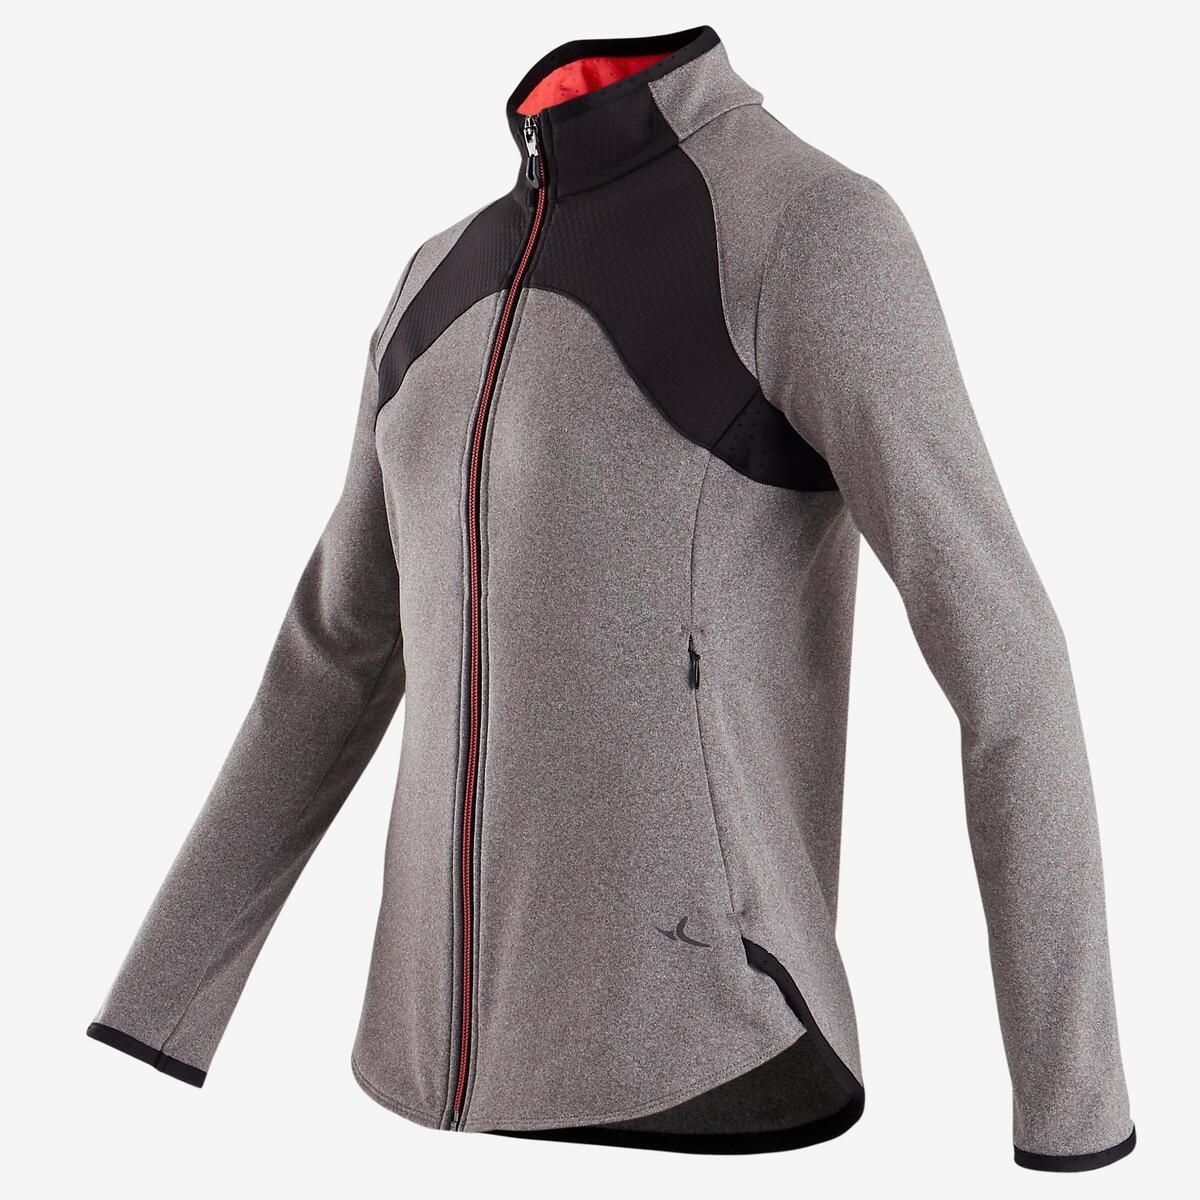 Bild 2 von Trainingsjacke warm atmungsaktiv S900 Gym Kinder grau/schwarze Einsätze